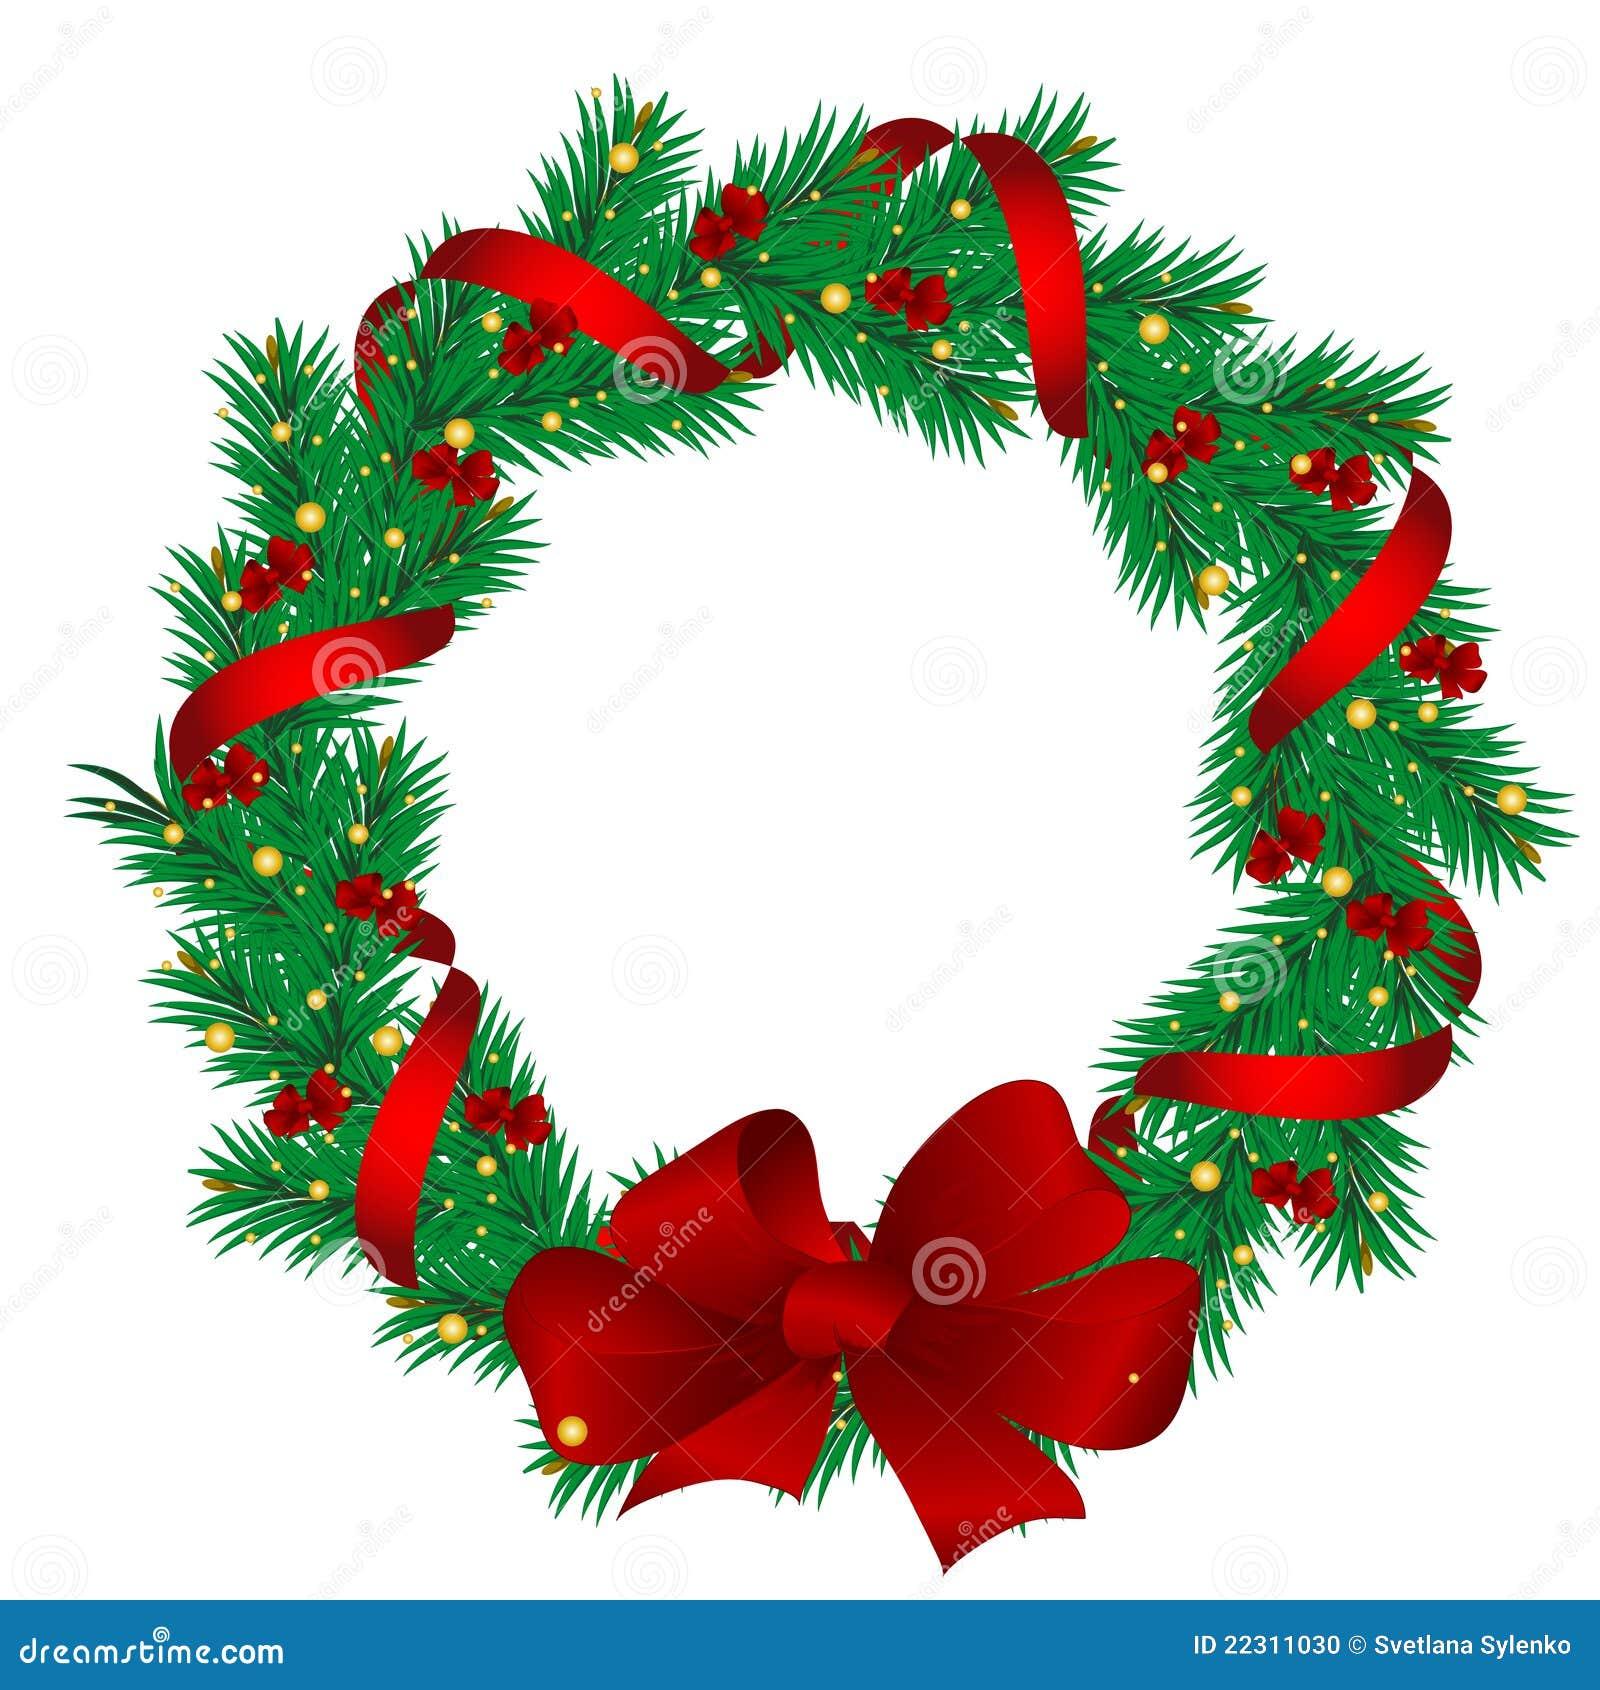 guirnaldas de la navidad acebo pino - Guirnalda De Navidad